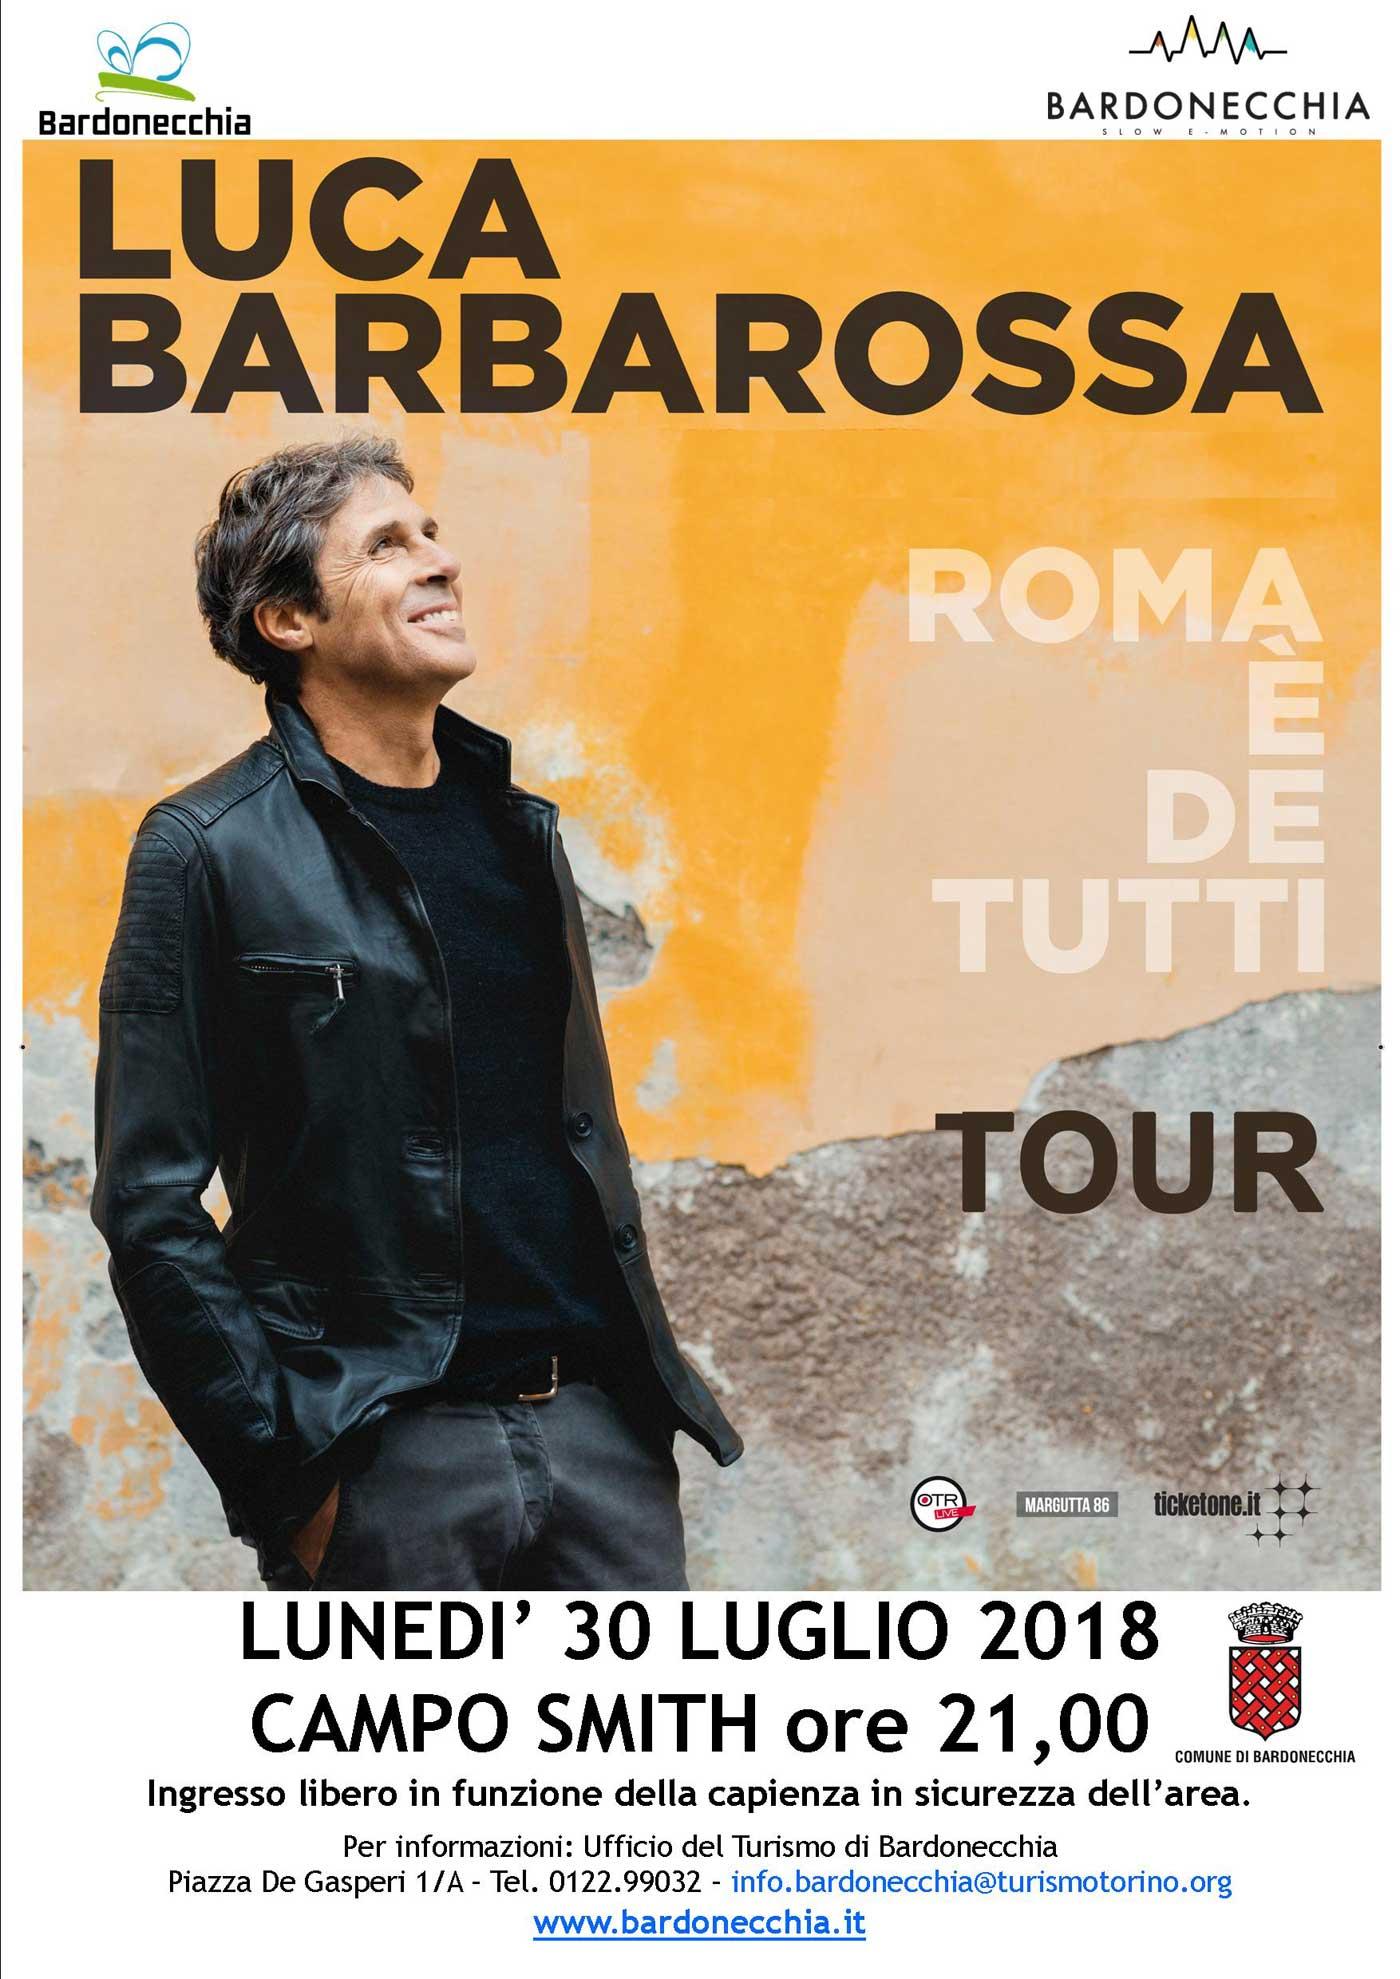 Luca Barbarossa in tour a Bardonecchia